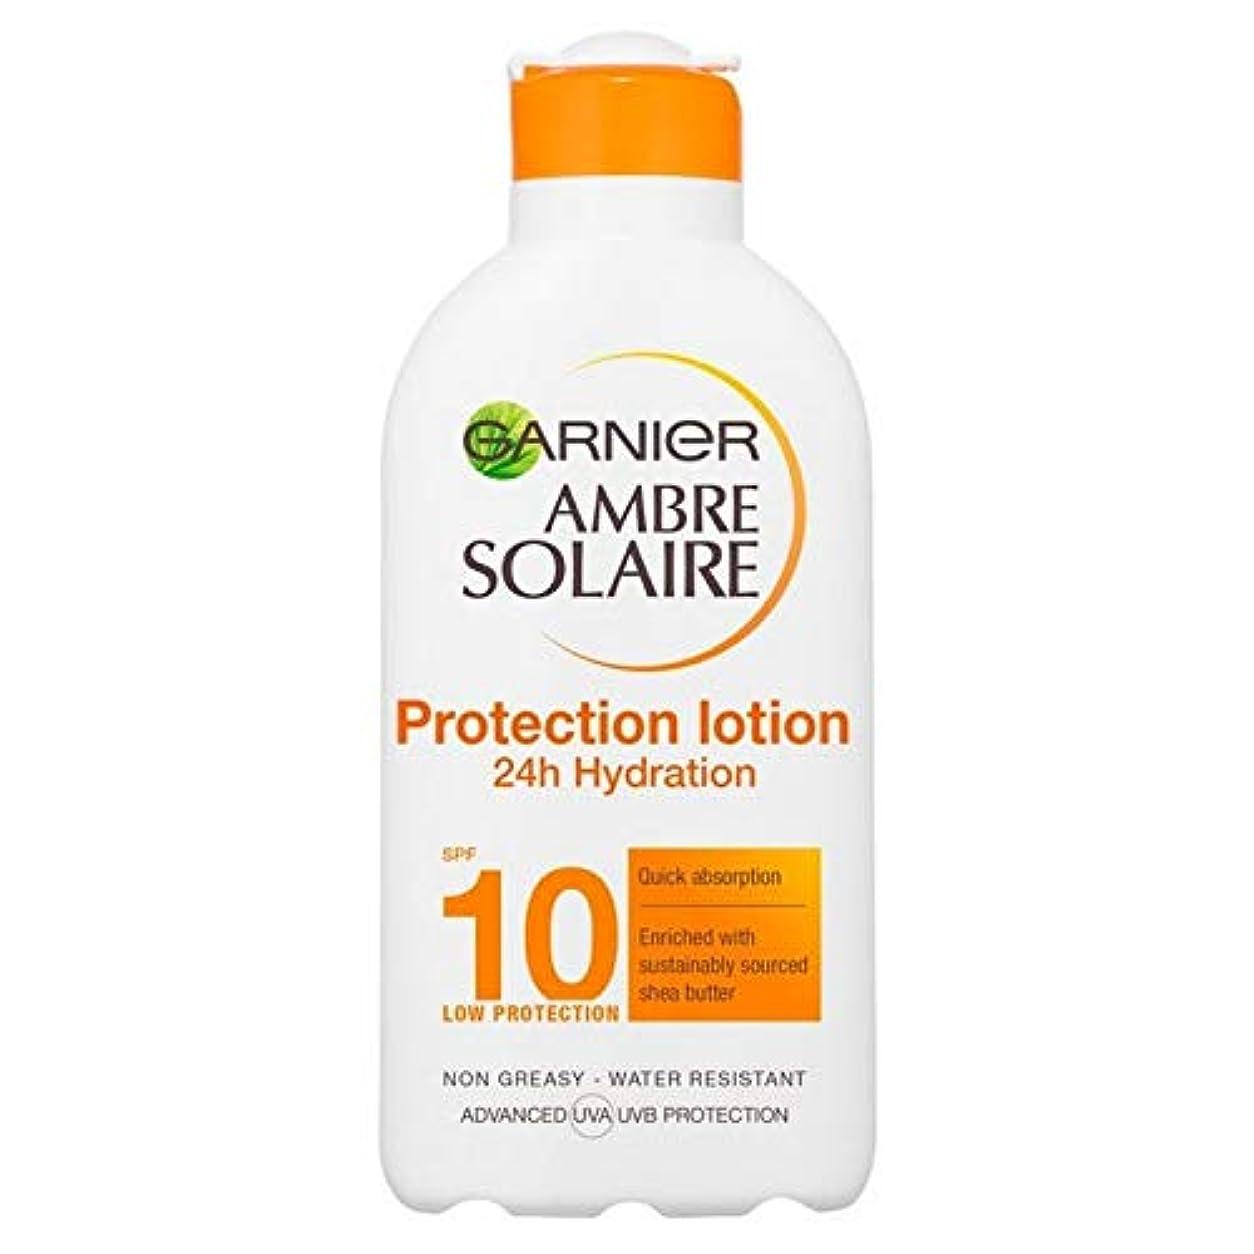 散逸スクレーパー倫理的[Garnier ] アンブレSolaire超水和日クリームSpf10の200ミリリットル - Ambre Solaire Ultra-hydrating Sun Cream SPF10 200ml [並行輸入品]